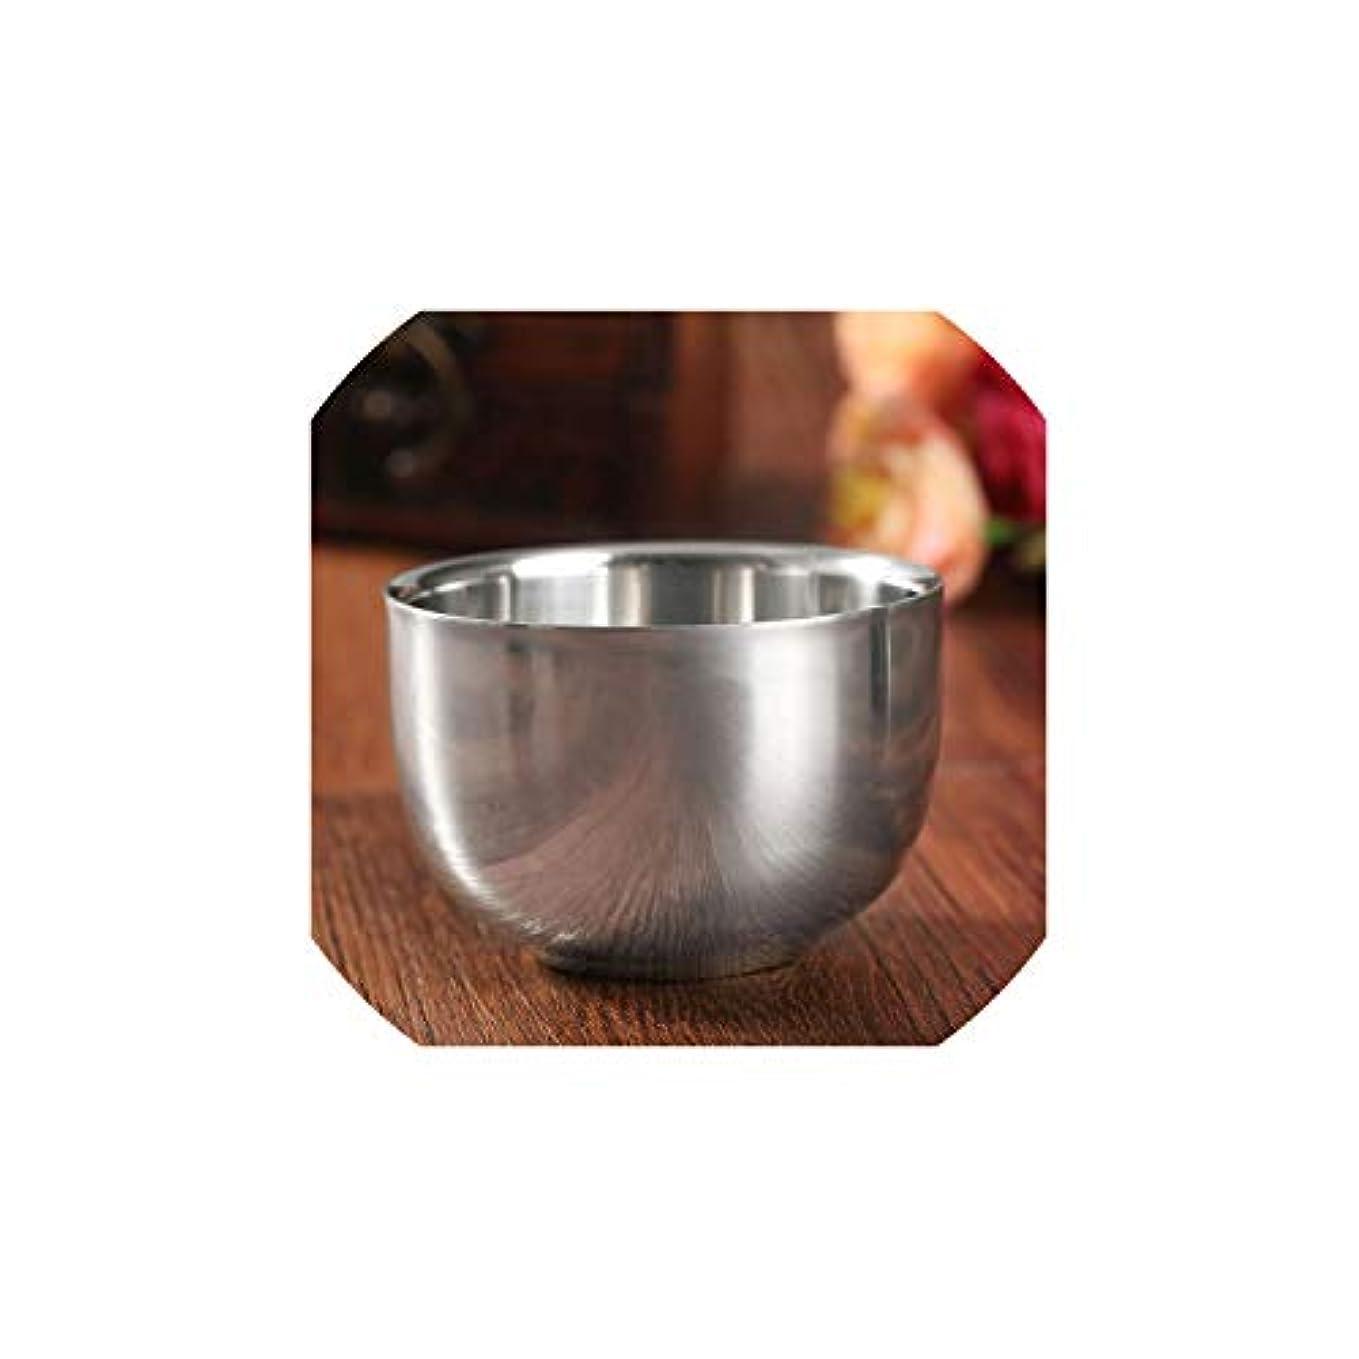 たくさんドレイン可決Dream-catching 7.2cm ステンレススチール メタル メンズ シェービングマグ ボウルカップ シェービングマグ シェービングマグ メンズマグ ボウルカップ シェーブブラシ用